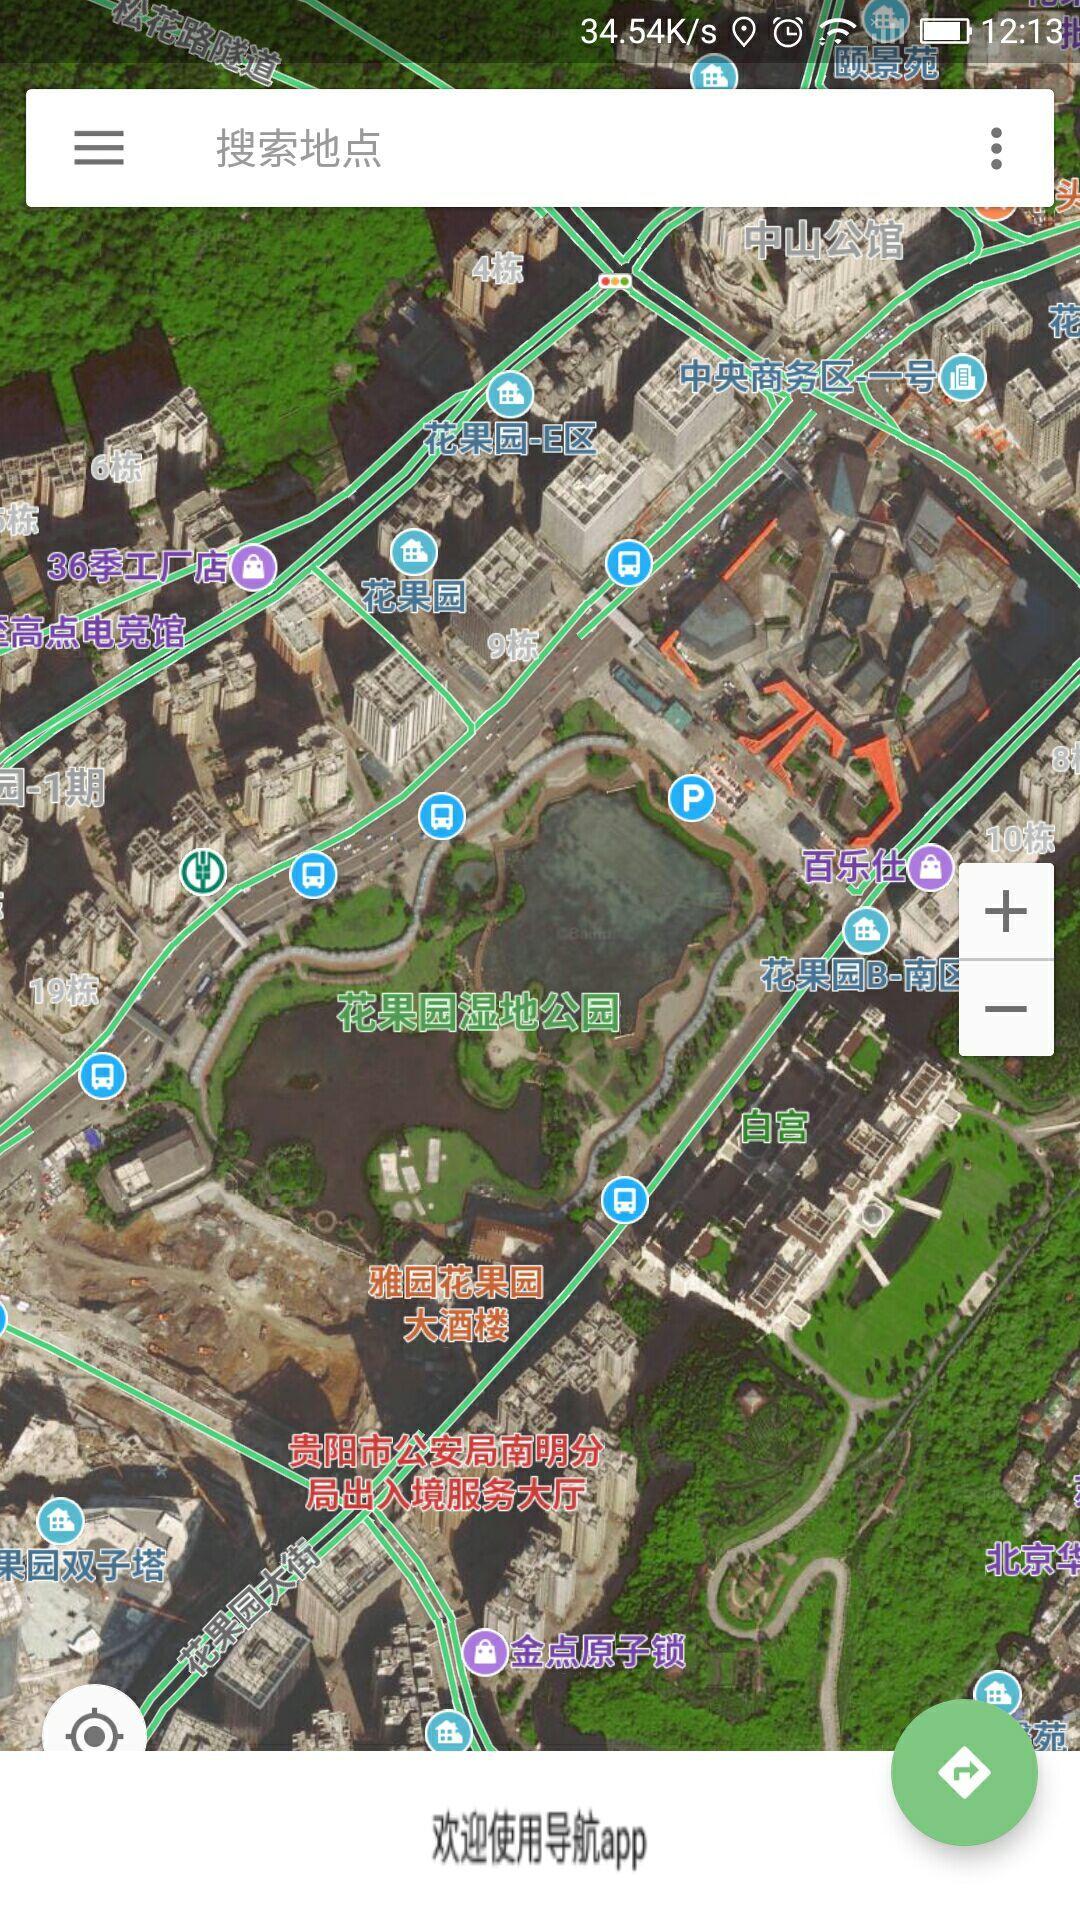 地图街景卫星导航图3